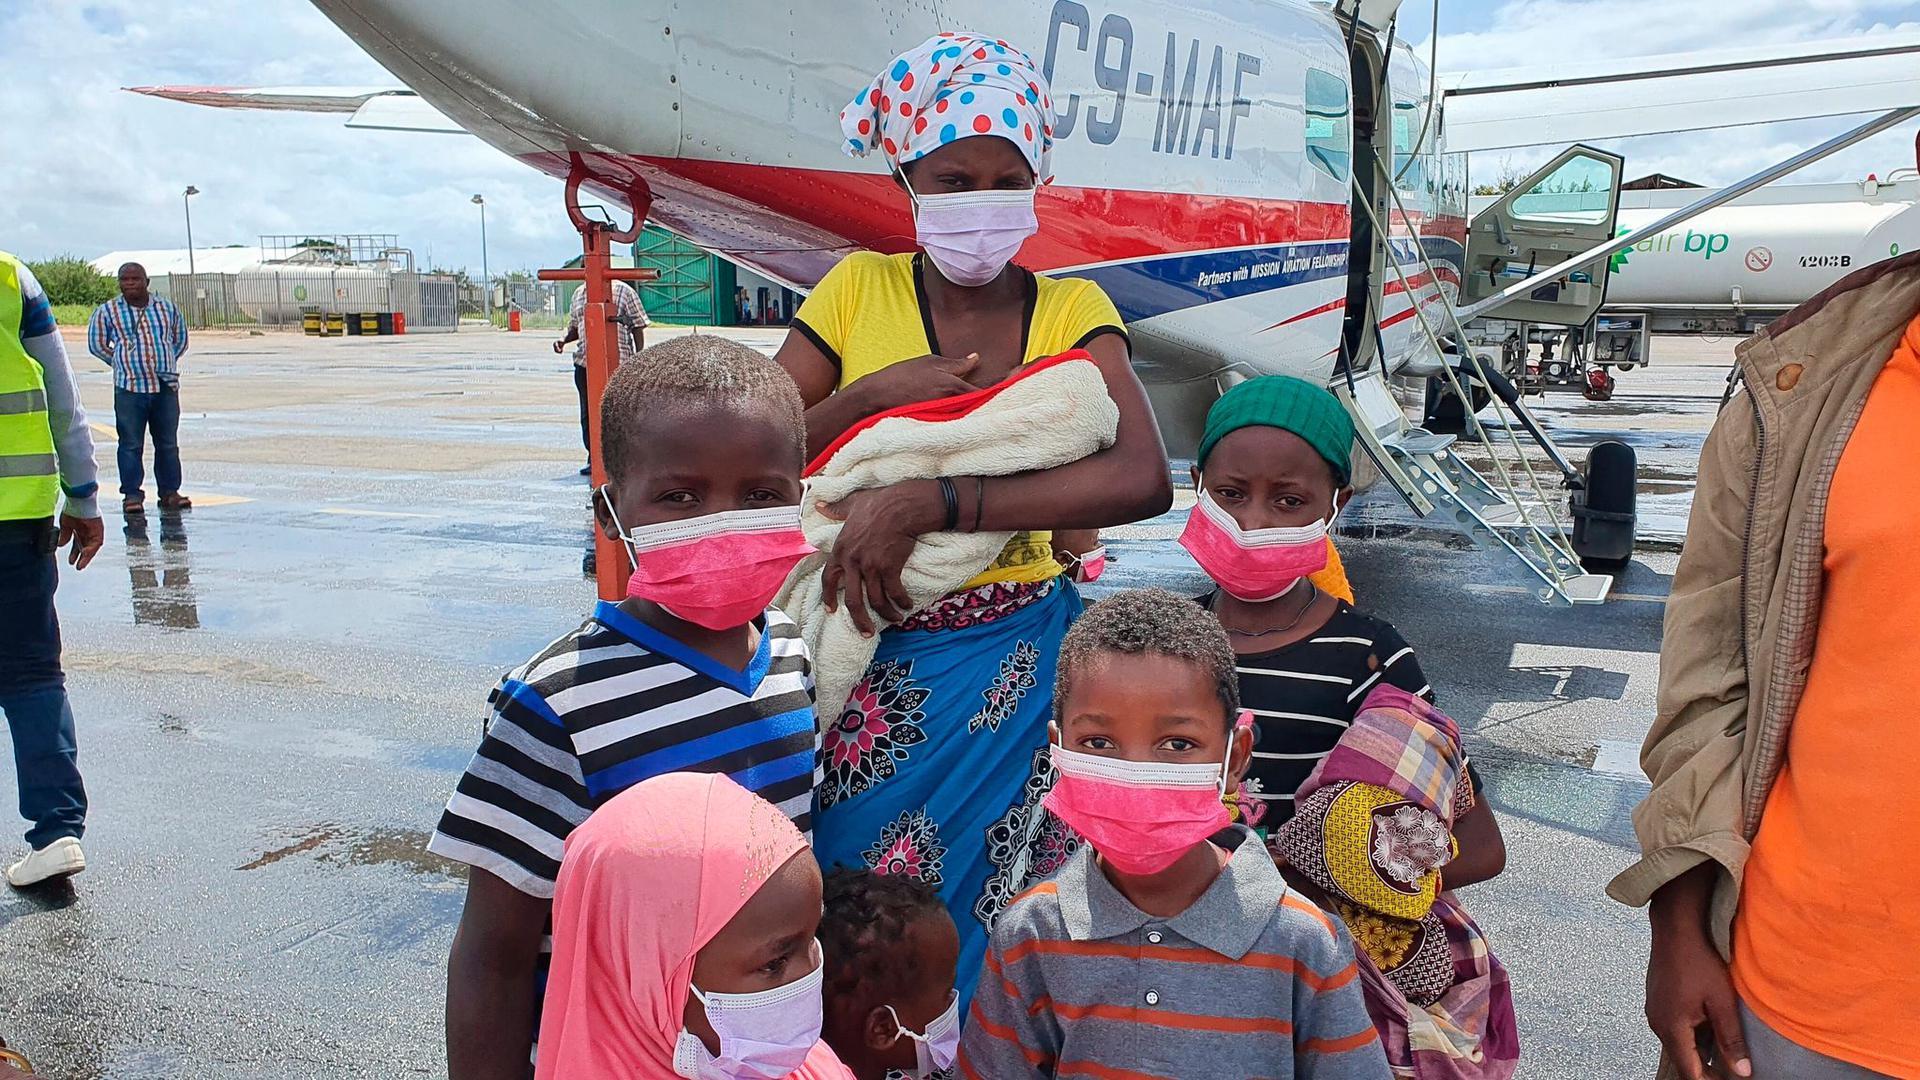 Eine Familie steht auf dem Rollfeld des Flughafens der Provinzhauptstadt Pemba, nachdem sie evakuiert wurden. In der Provinz Cabo Delgado verüben islamistische Rebellen seit 2017 immer wieder brutale Attacken. Nach Angaben des Welternährungsprogramms (WFP) sind in der Region fast eine Million Menschen infolge von Terror und Gewalt vom Hunger bedroht.